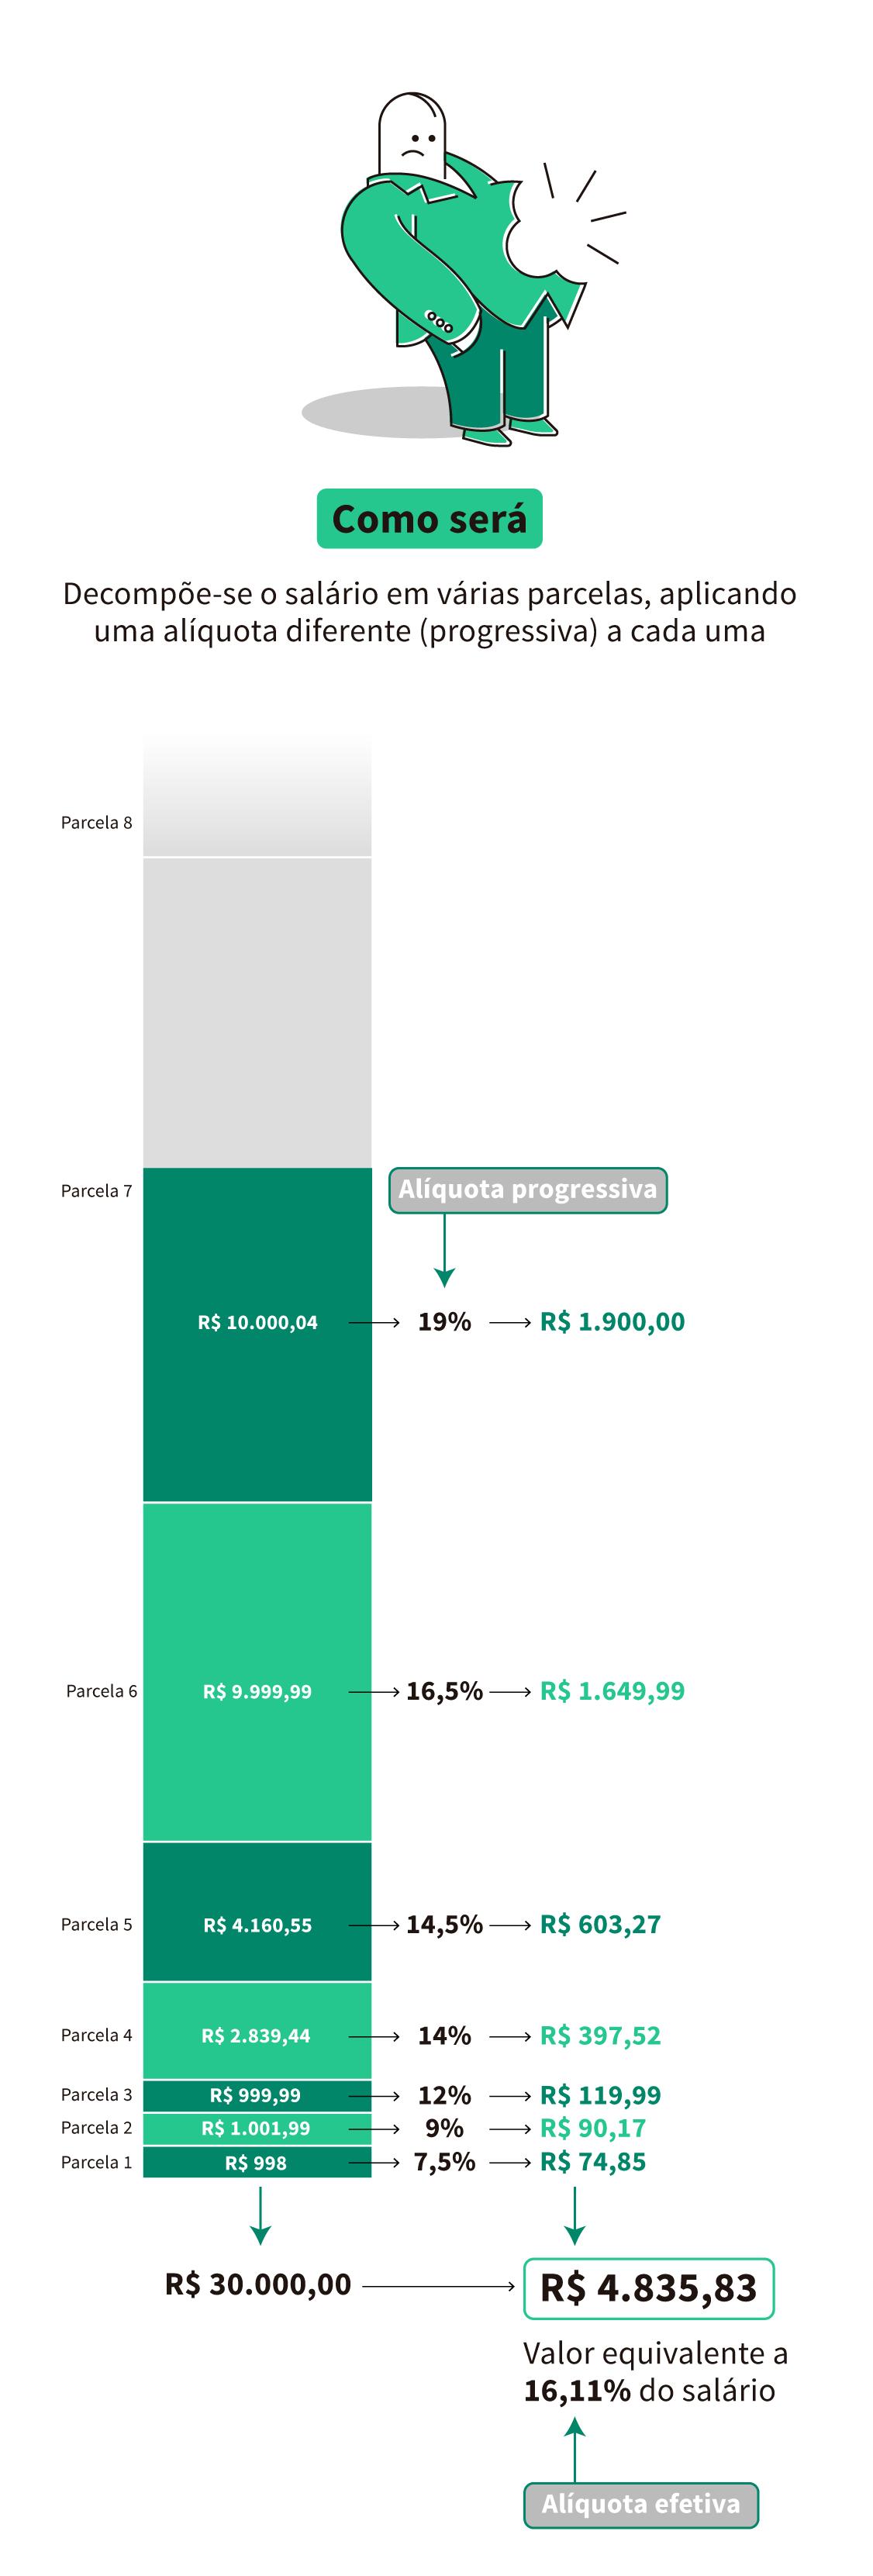 Servidores públicos federais. COMO SERÁ: exemplo de alíquota, considerando um salário de R$ 30.000,00